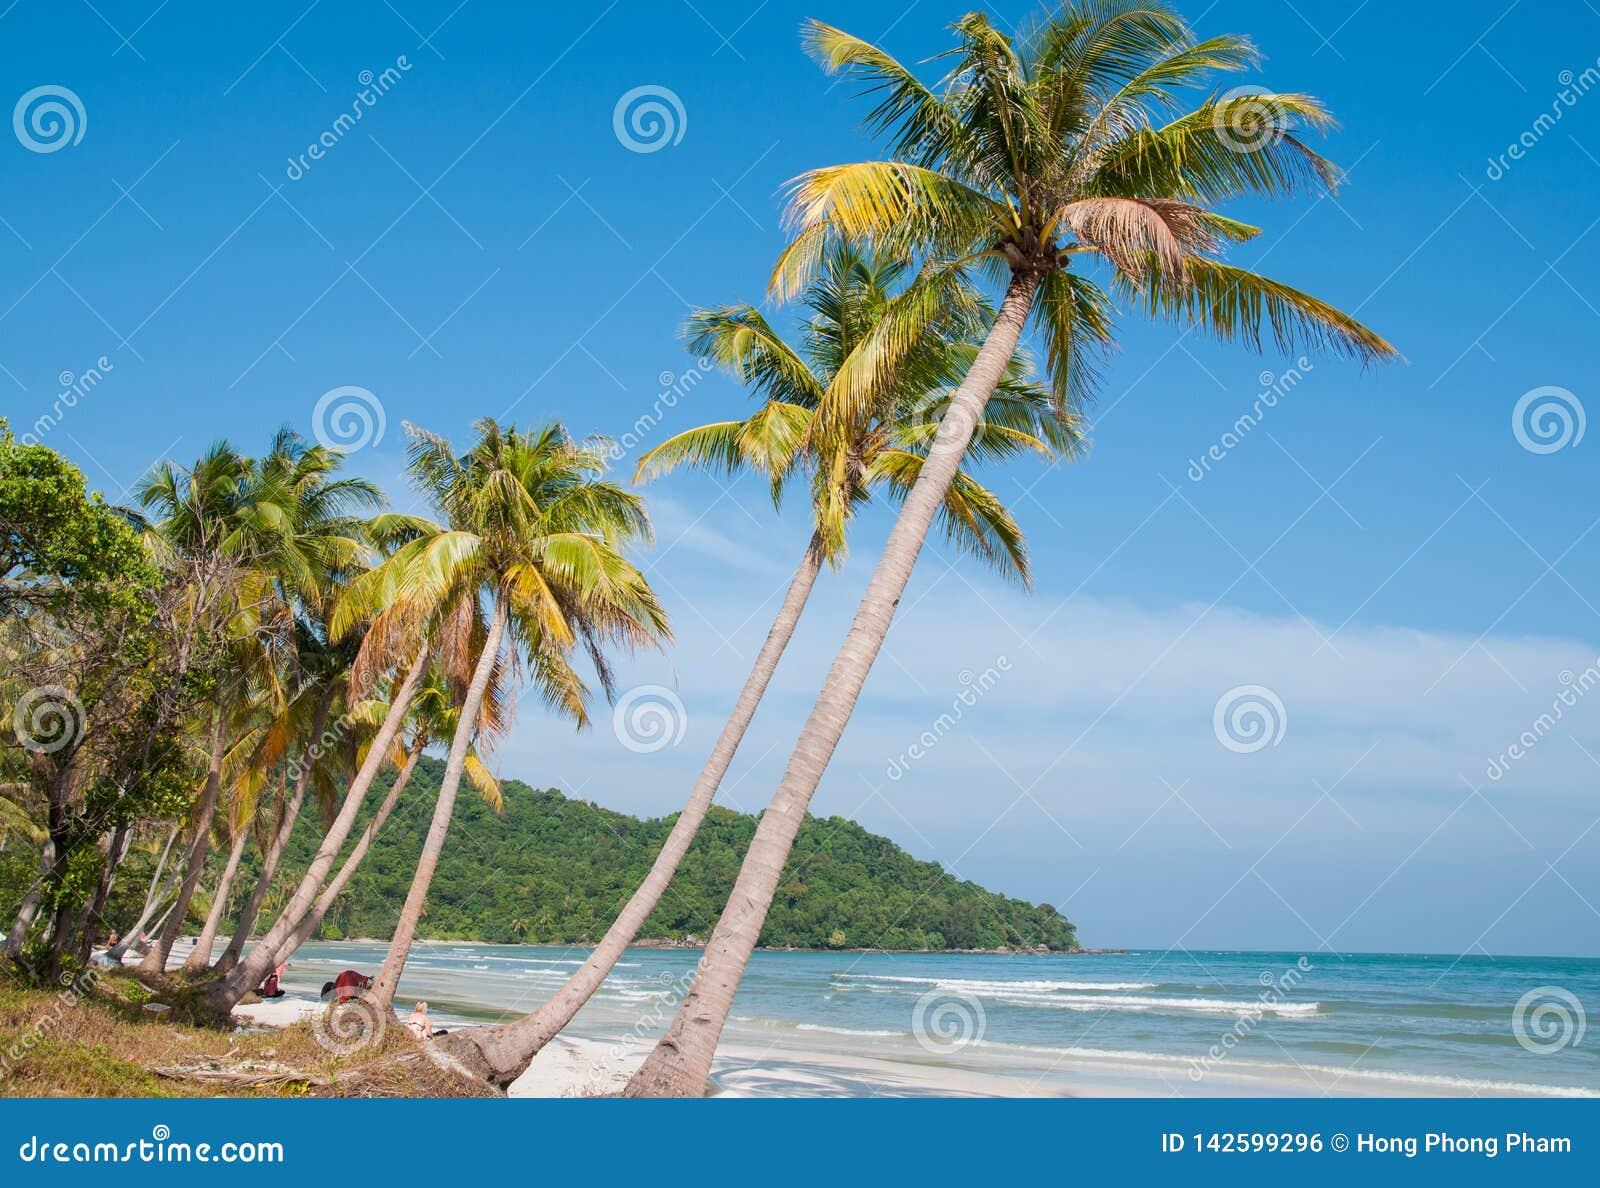 Khem海滩-一个狂放的海滩在富国岛海岛越南